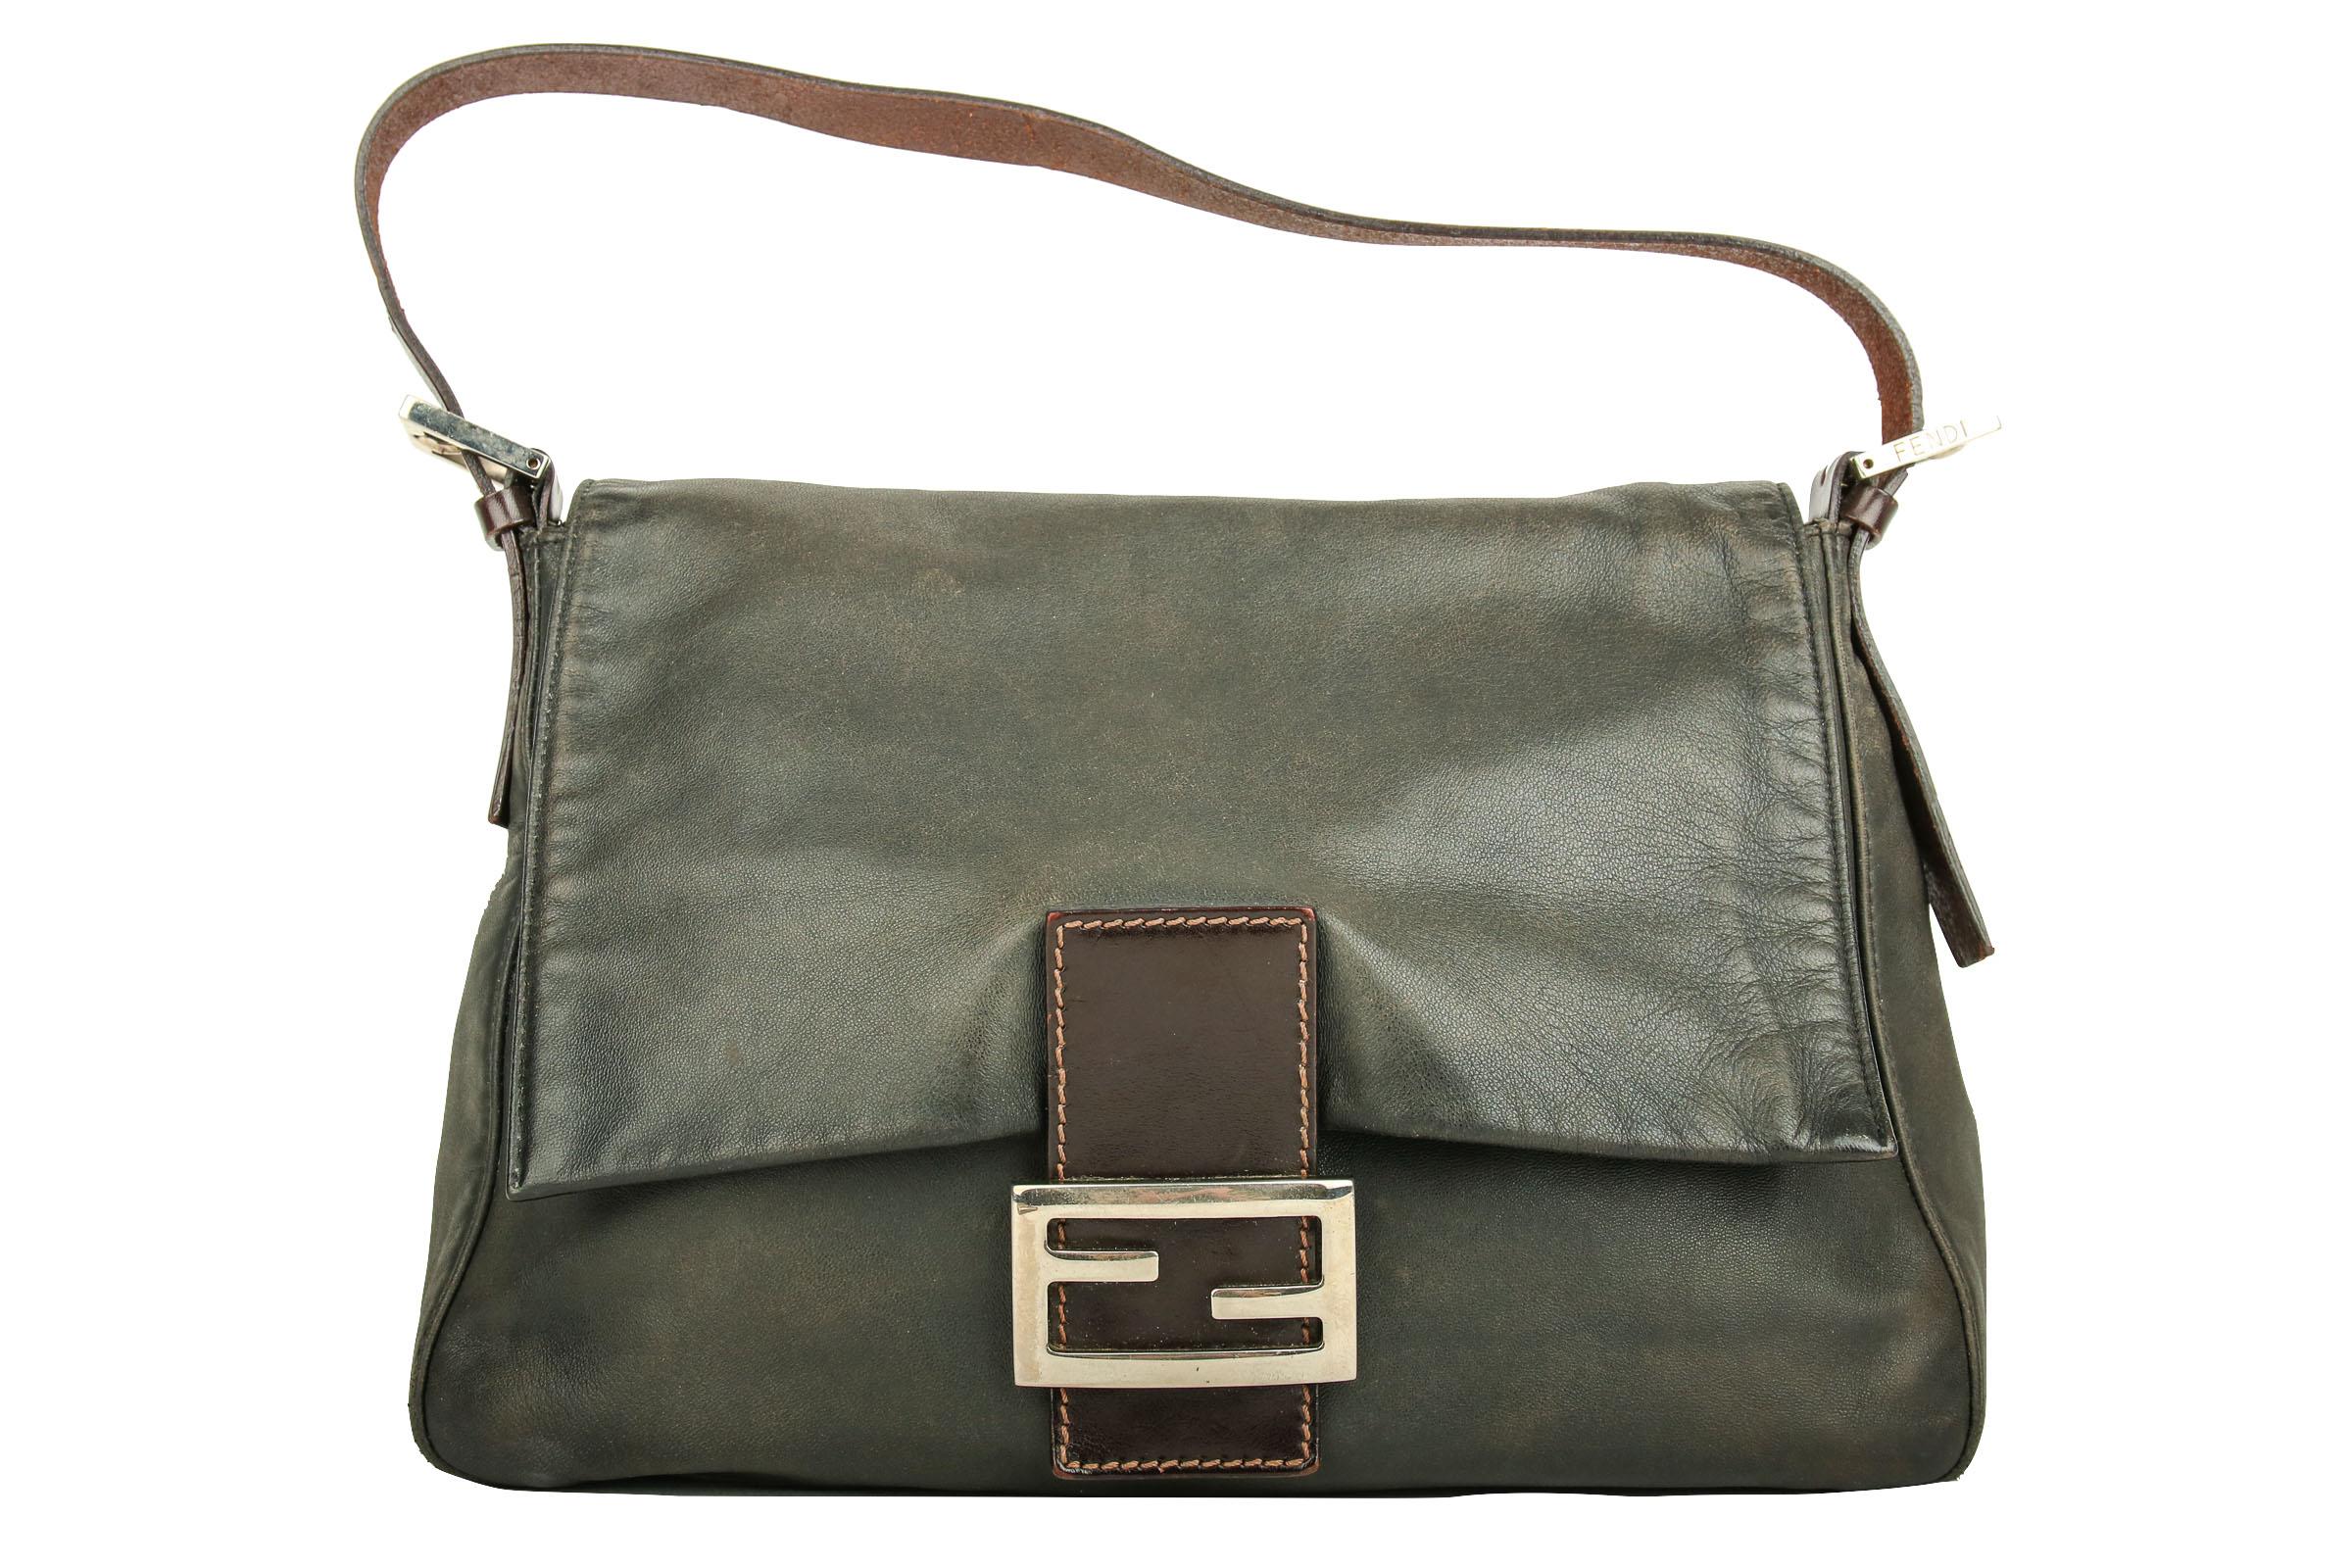 4a4577b271dbd Fendi Handtaschen   Accessoires